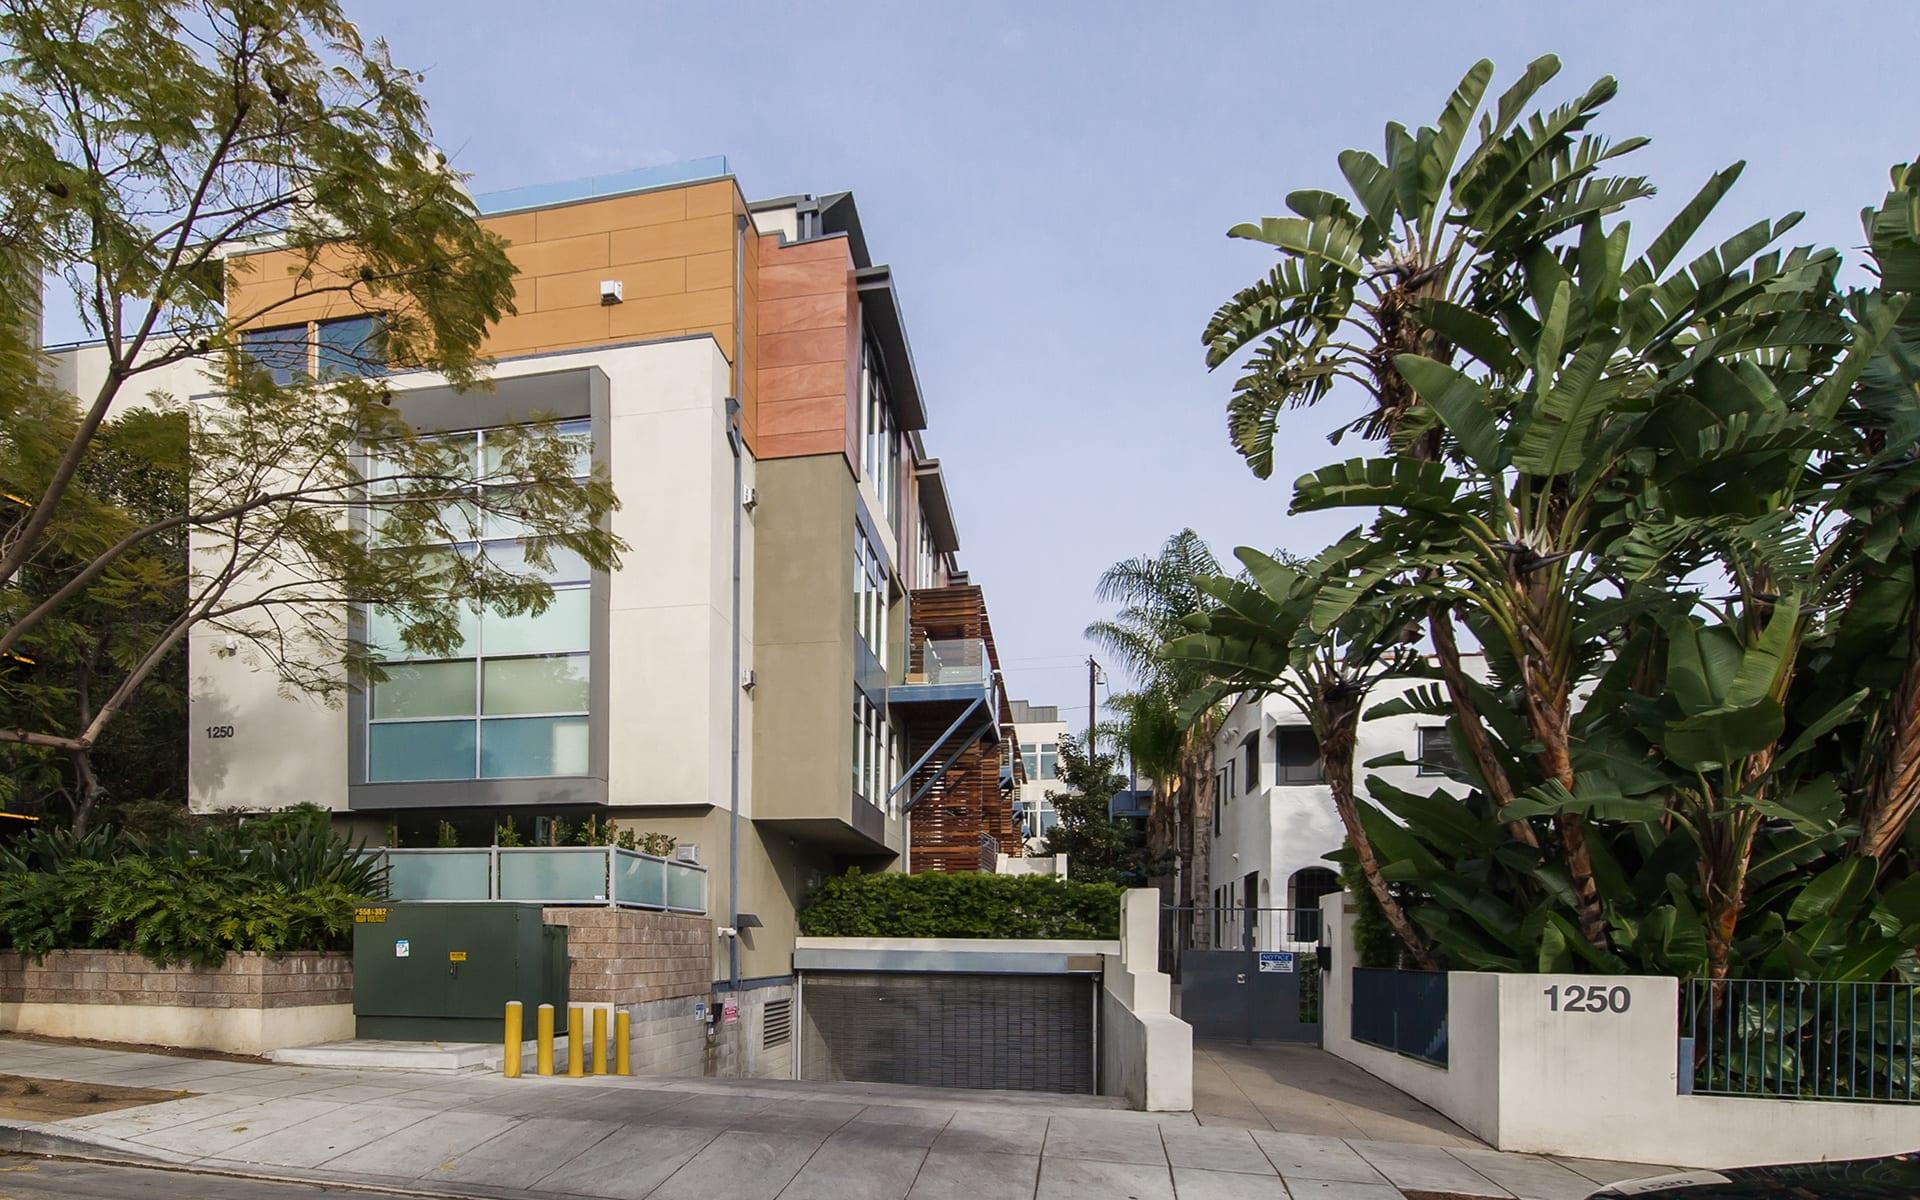 Eigentumswohnung für Verkauf beim 1250 N Harper Ave #411 1250 N Harper Ave #411 West Hollywood, Kalifornien,90046 Vereinigte Staaten